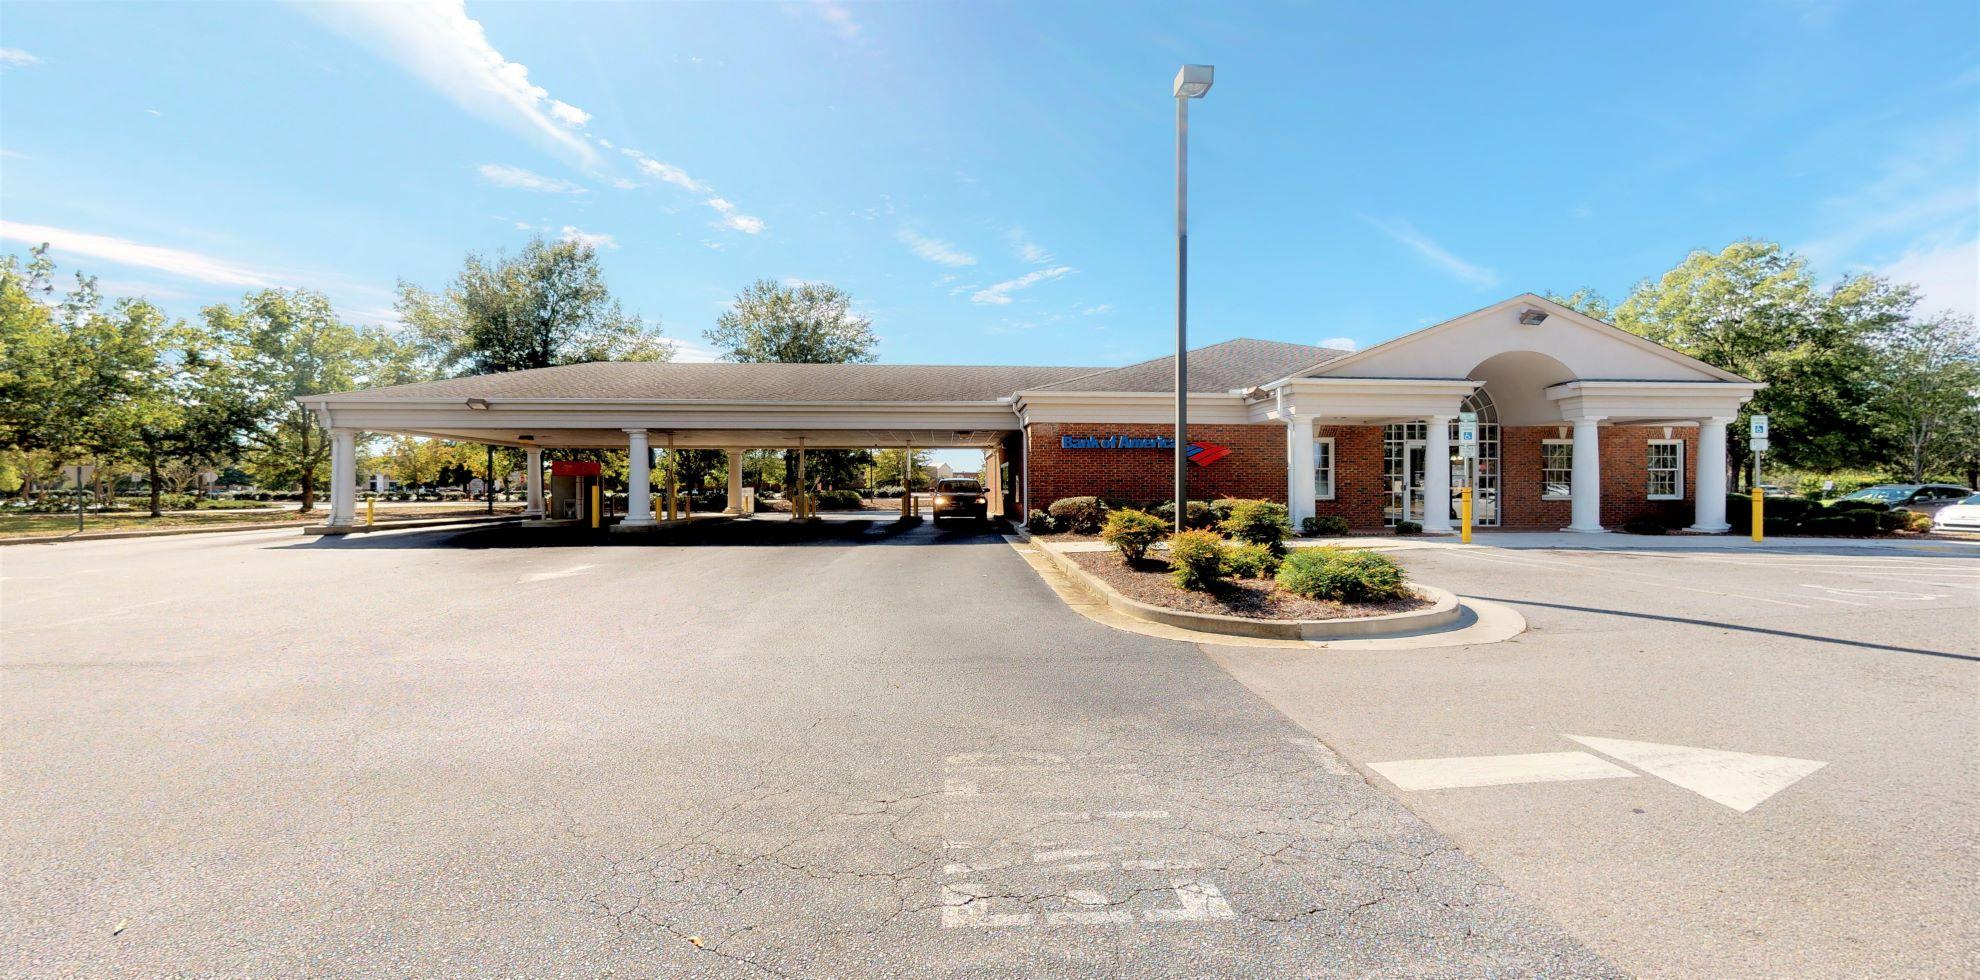 Bank of America financial center with drive-thru ATM and teller | 150 Aiken Mall Dr, Aiken, SC 29803